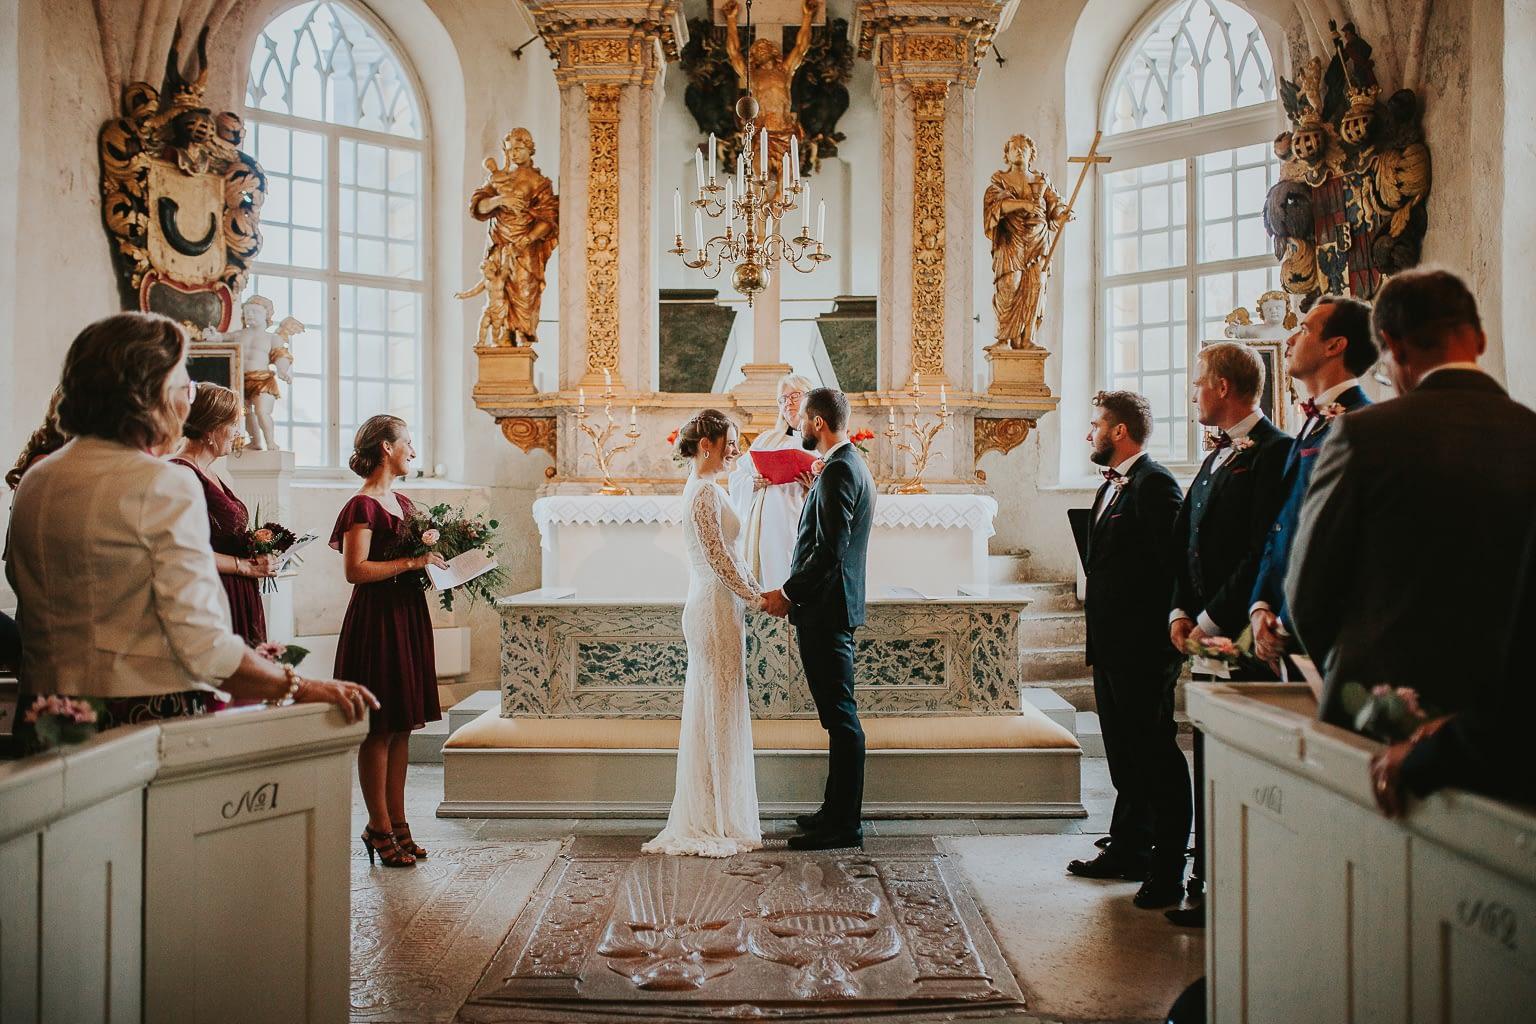 photographie de mariage dans l'église lors d'une cérémonie religieuse